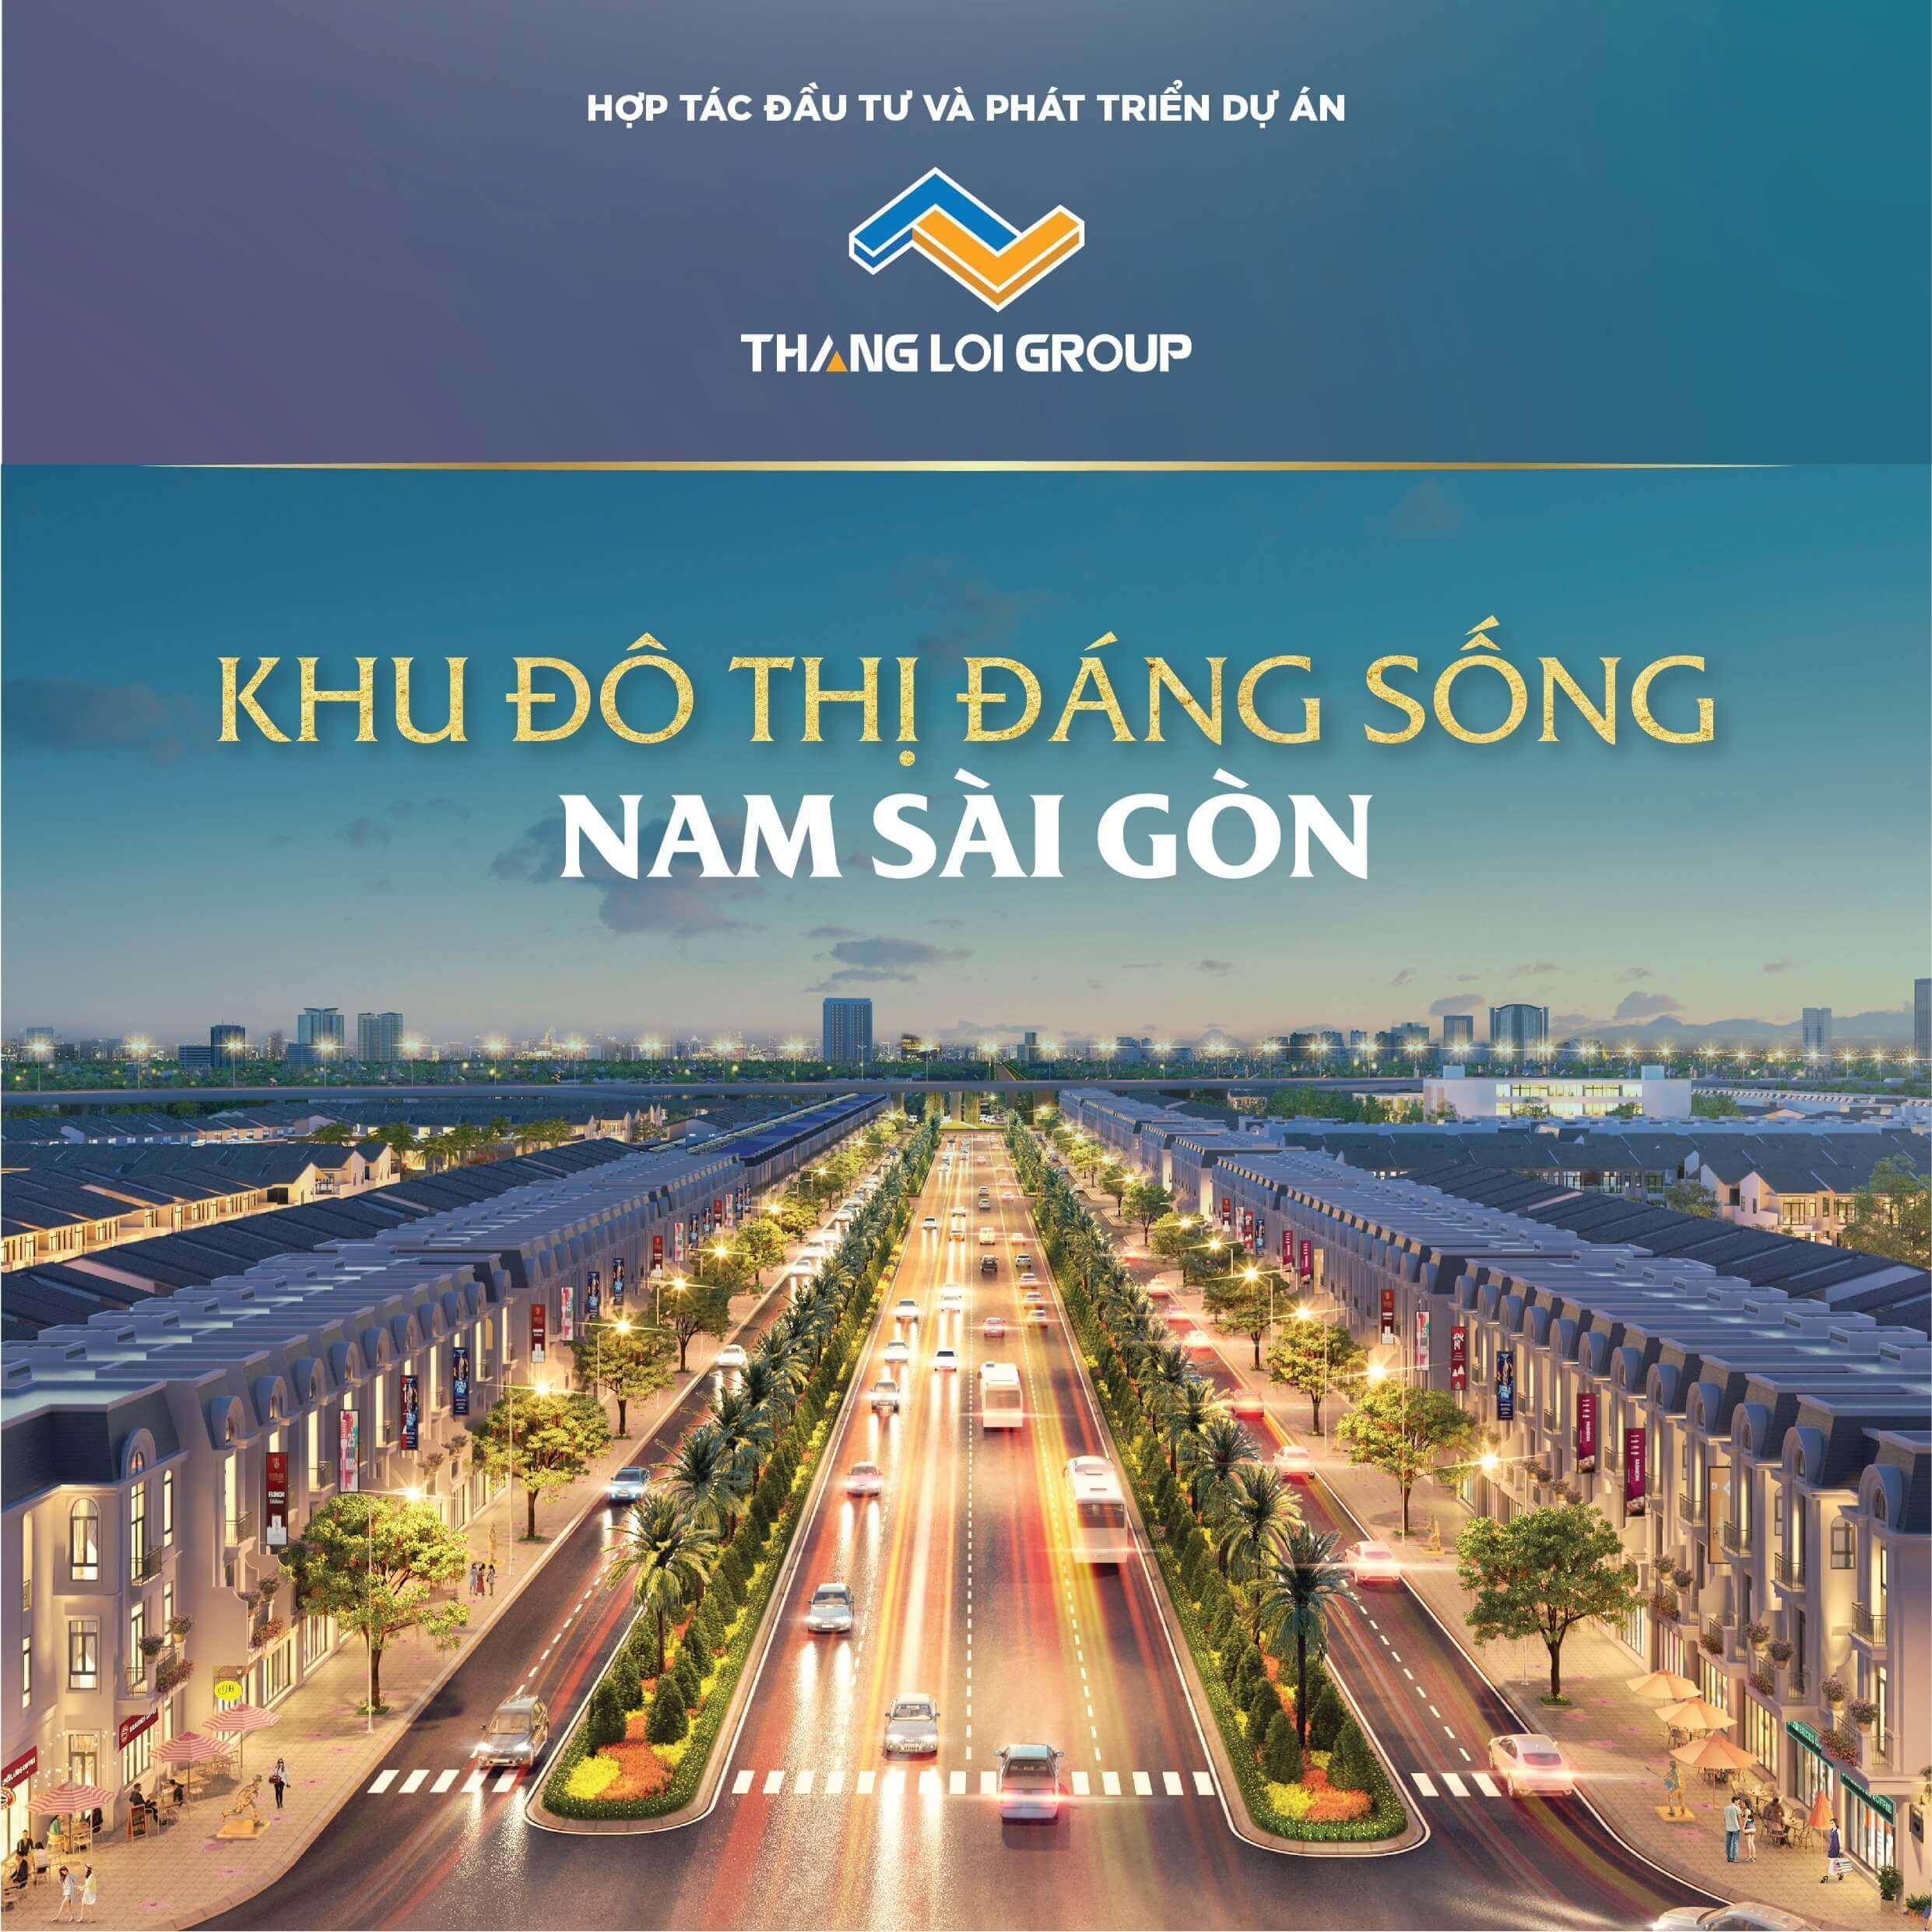 dự án the sol city nam sài gòn